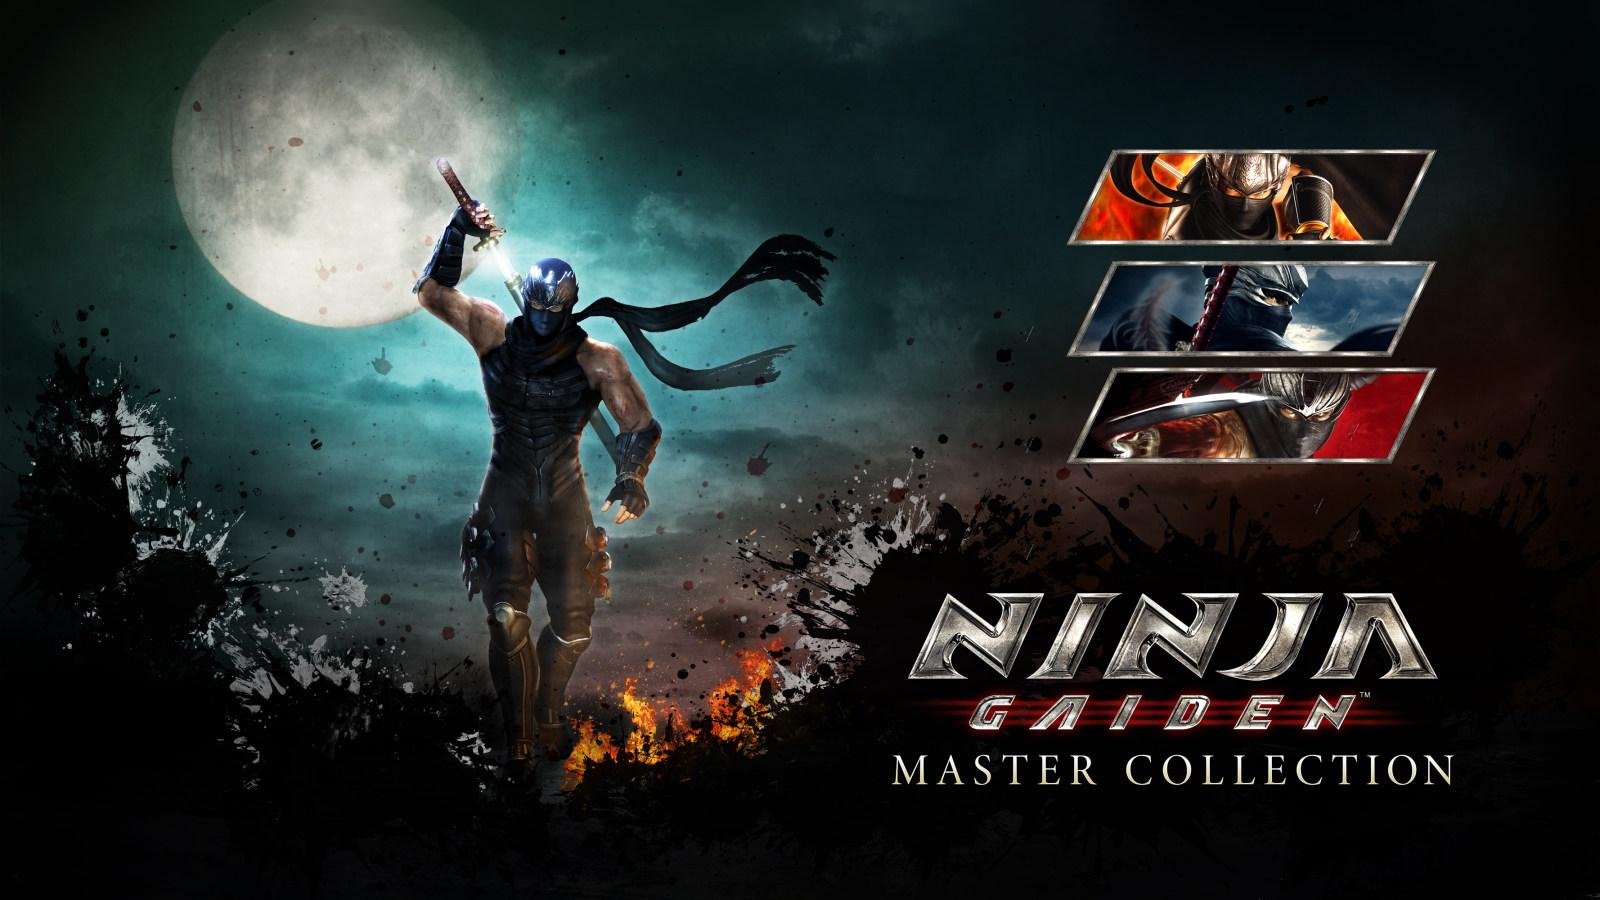 三合一!《忍者龙剑传:Master Collection》将于6月10日发售